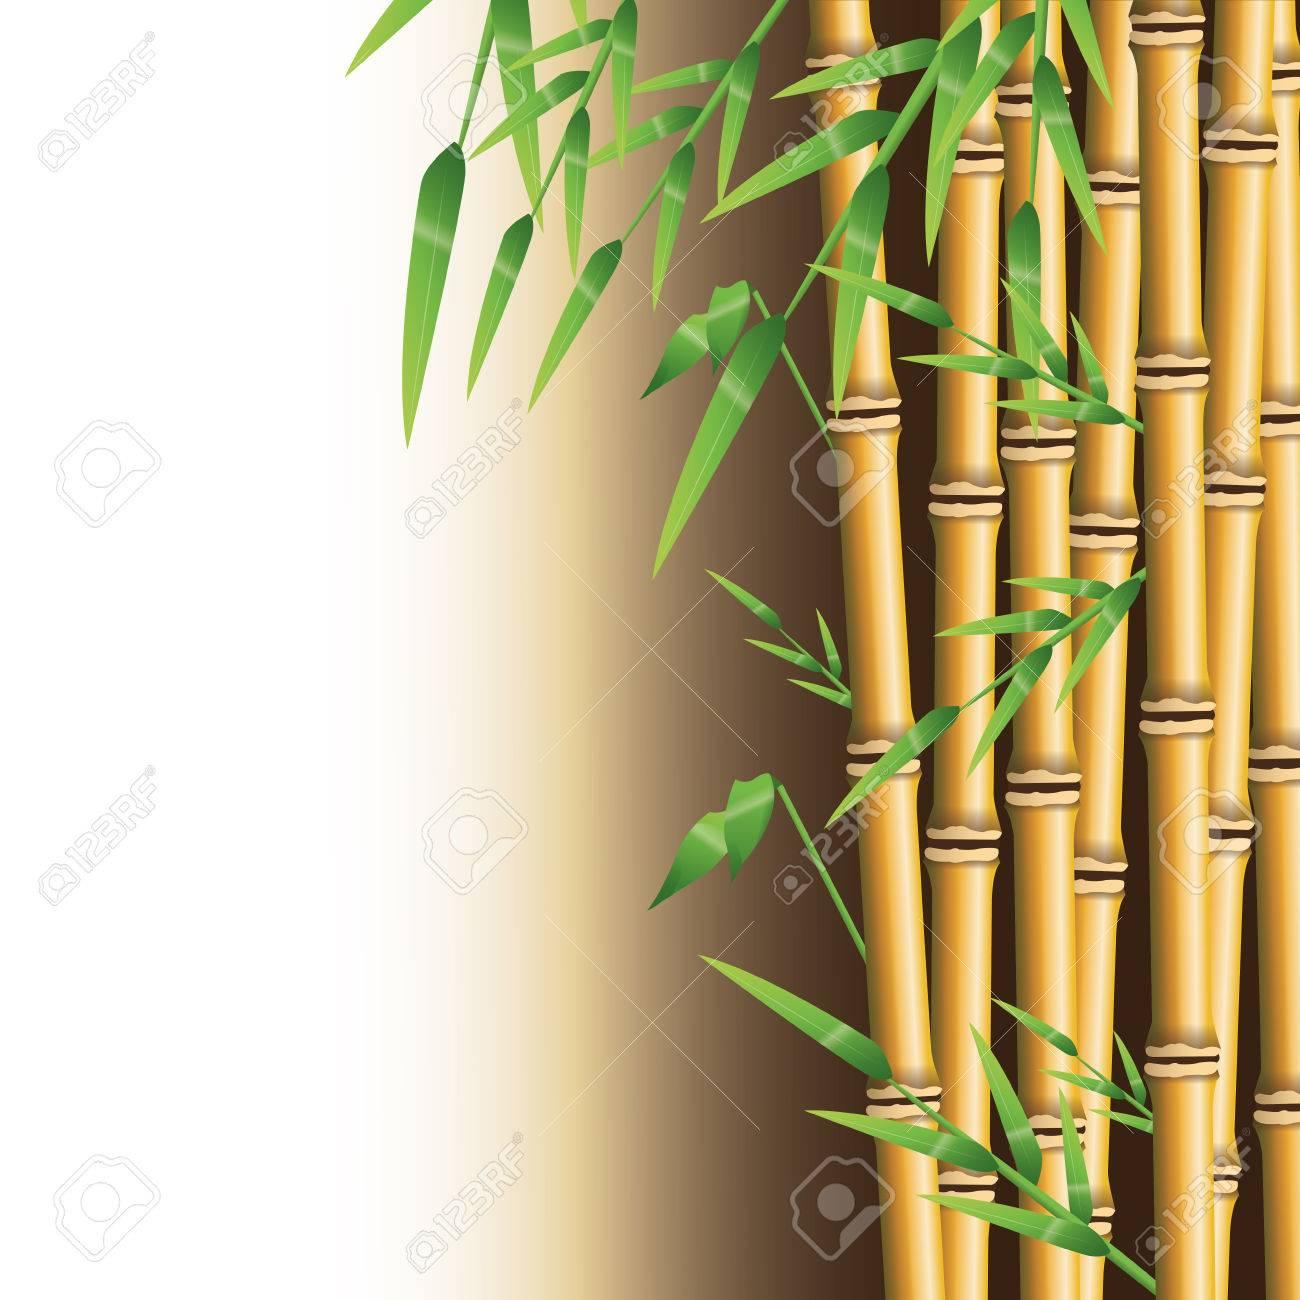 Stam Bamboe Met Bladeren Icoon Natuur Plant Decoratie En Azie Thema Kleurrijk Ontwerp Vector Illustratie Royalty Vrije Cliparts Vectoren En Stock Illustratie Image 63342152